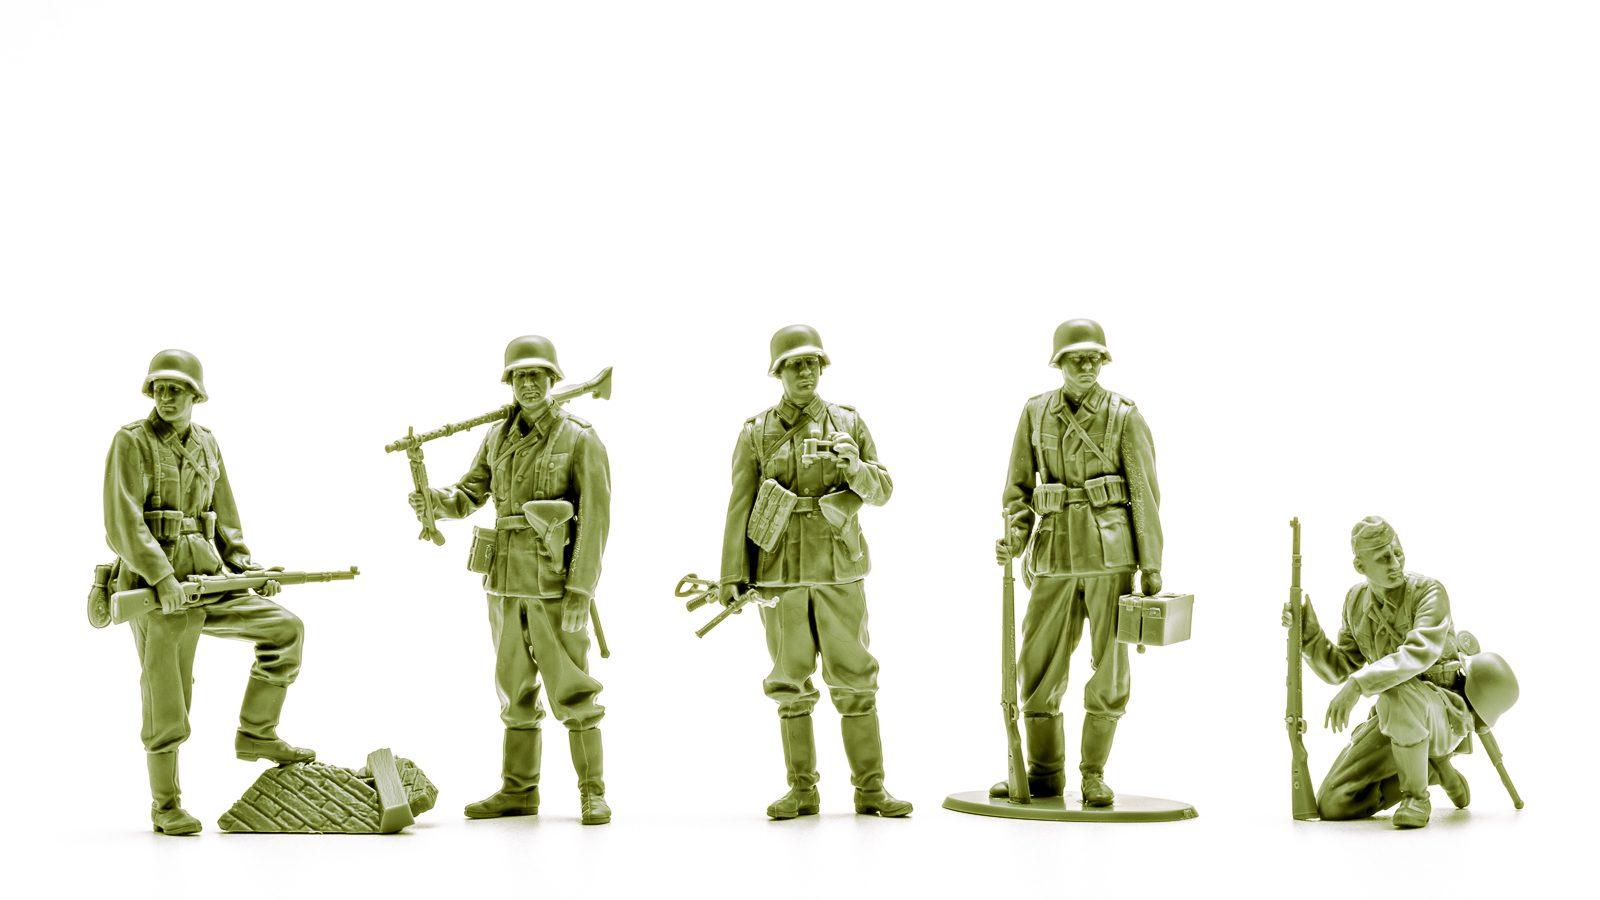 超リアルな歩兵の人形を眺めてみる。